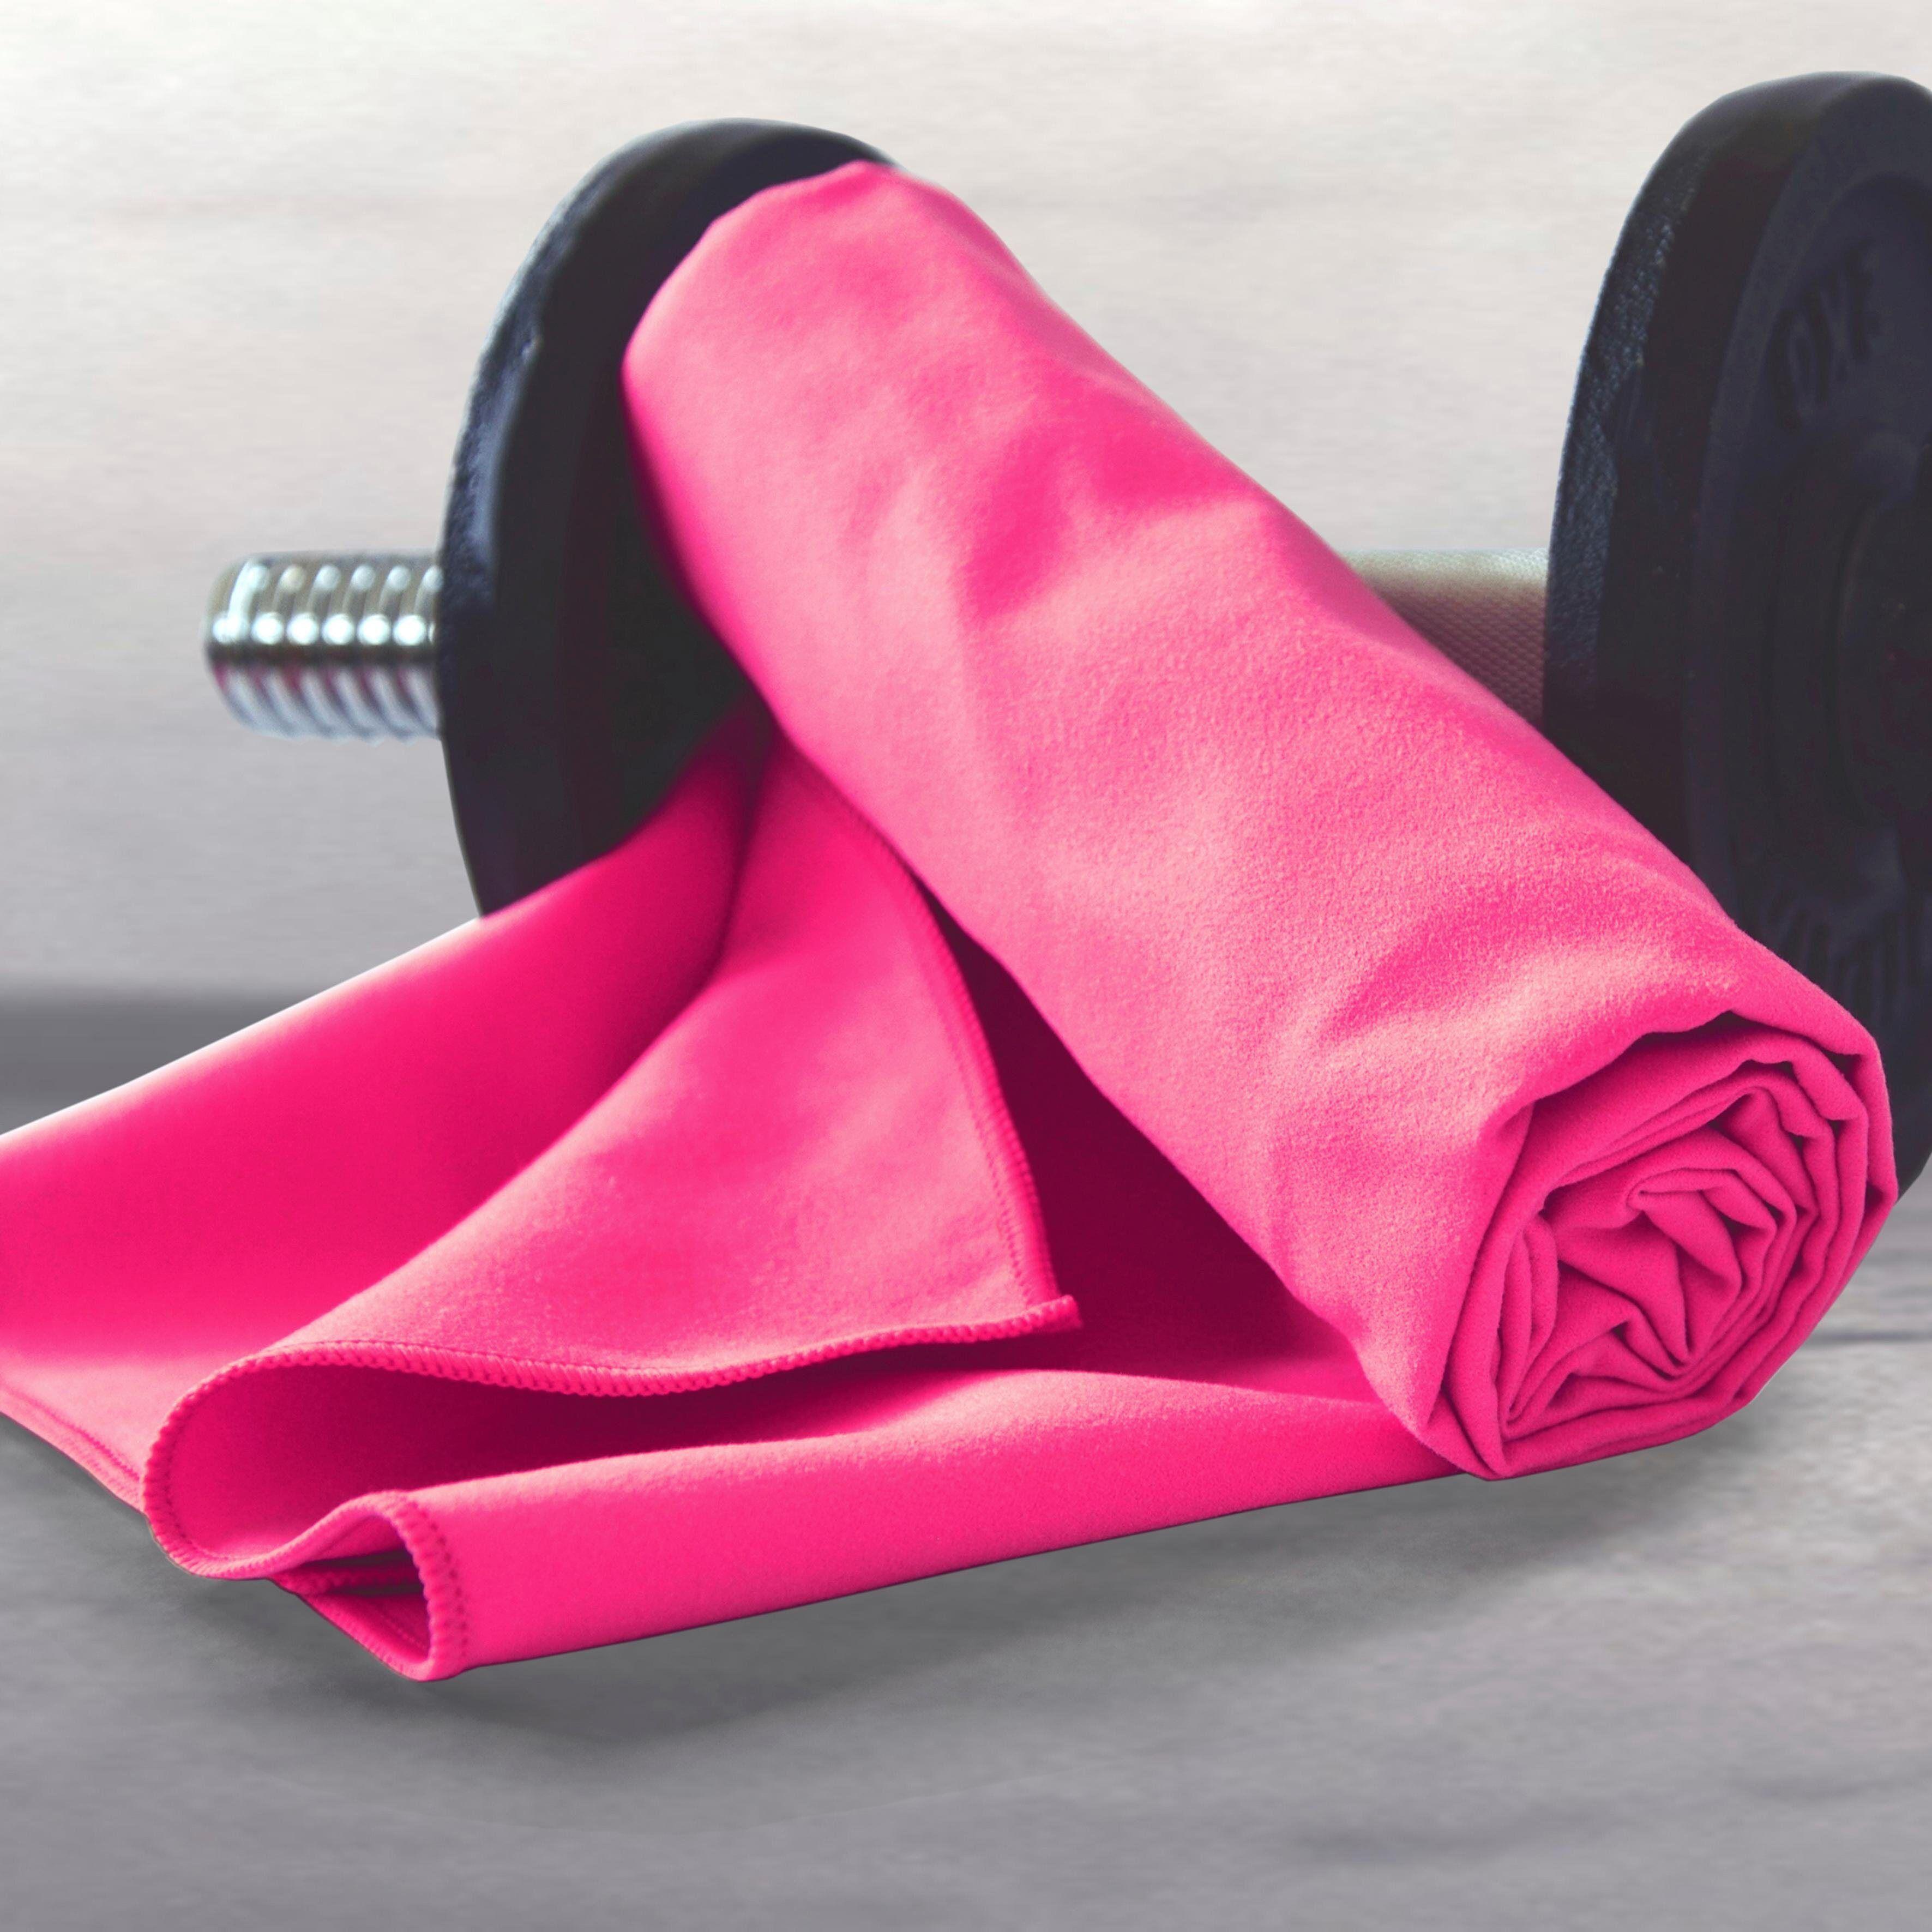 Dyckhoff Sporthandtuch »Sporttuch Mikrofaser«, , in Meshtasche, pink